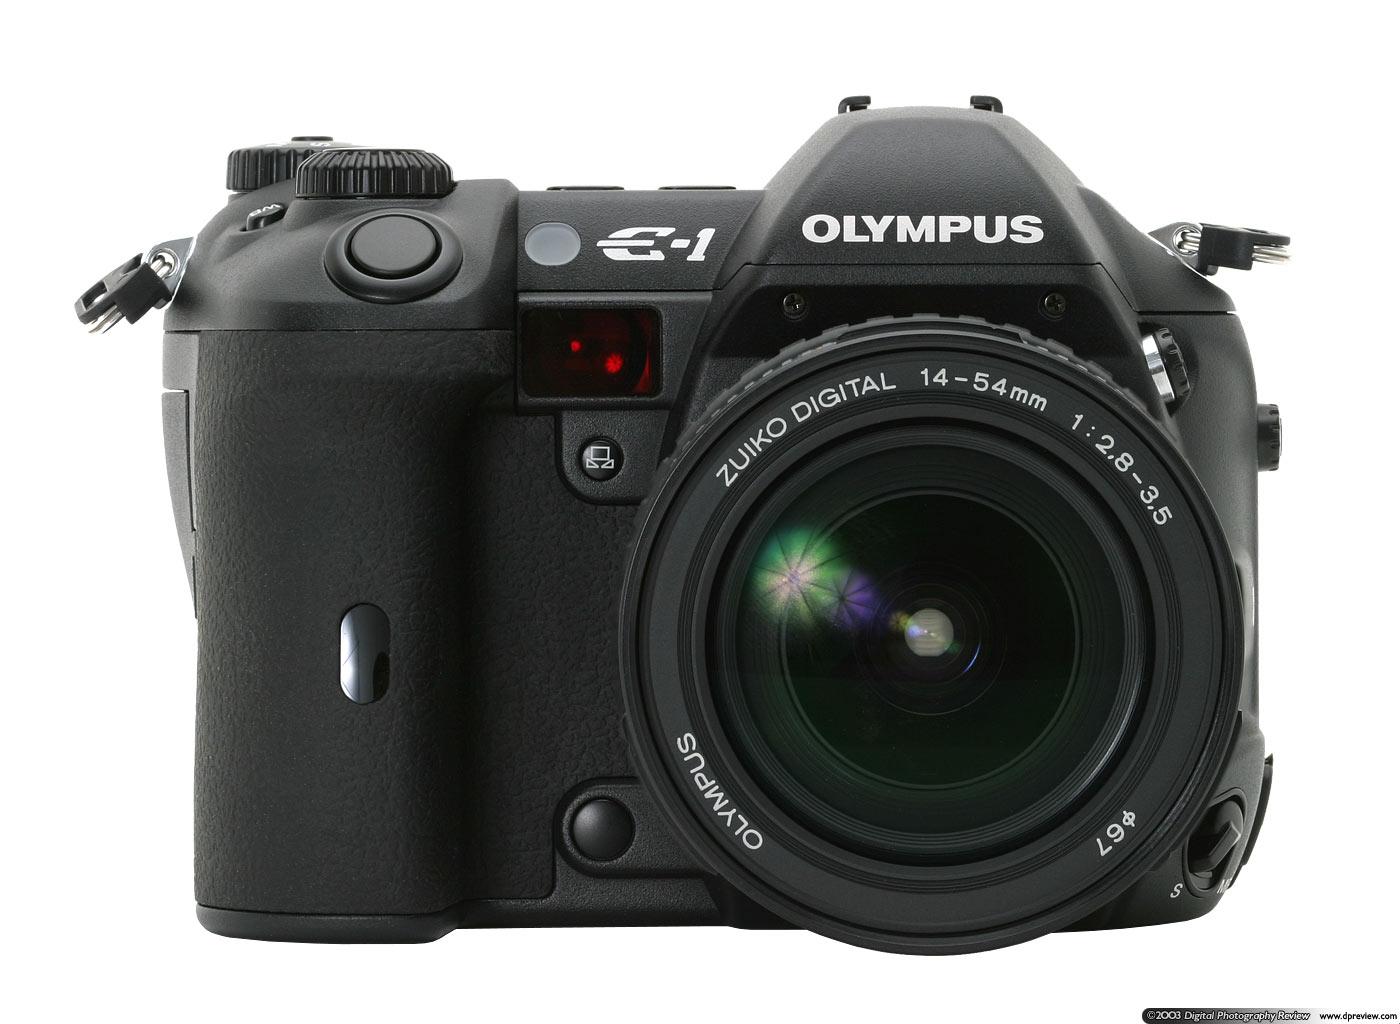 Olympus E-1 (kép a DPReviewról)